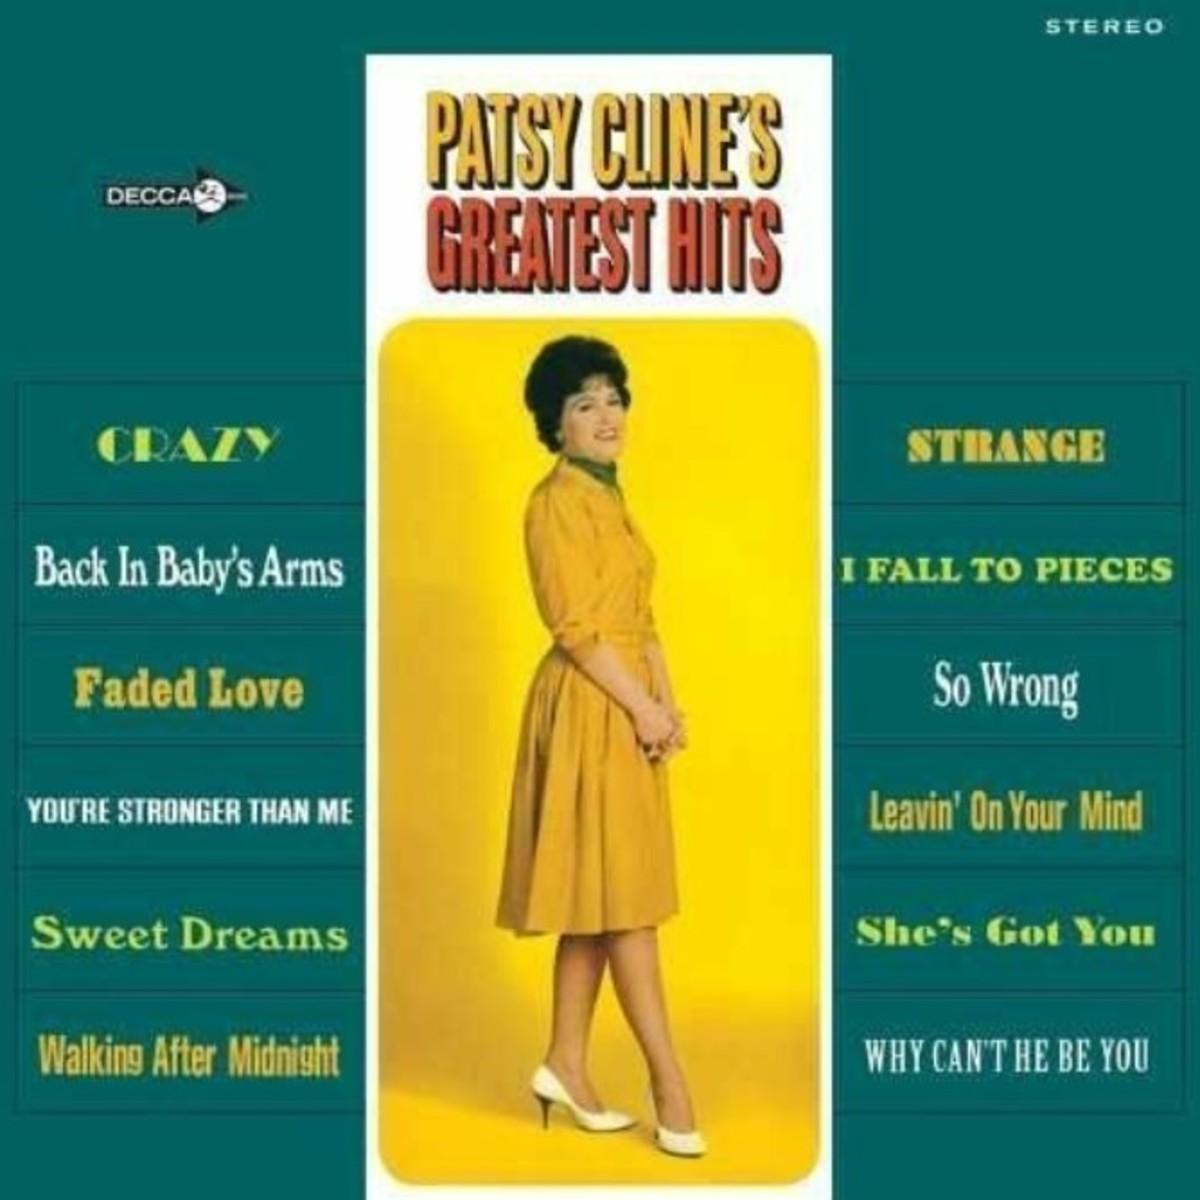 Patsy Cline hits